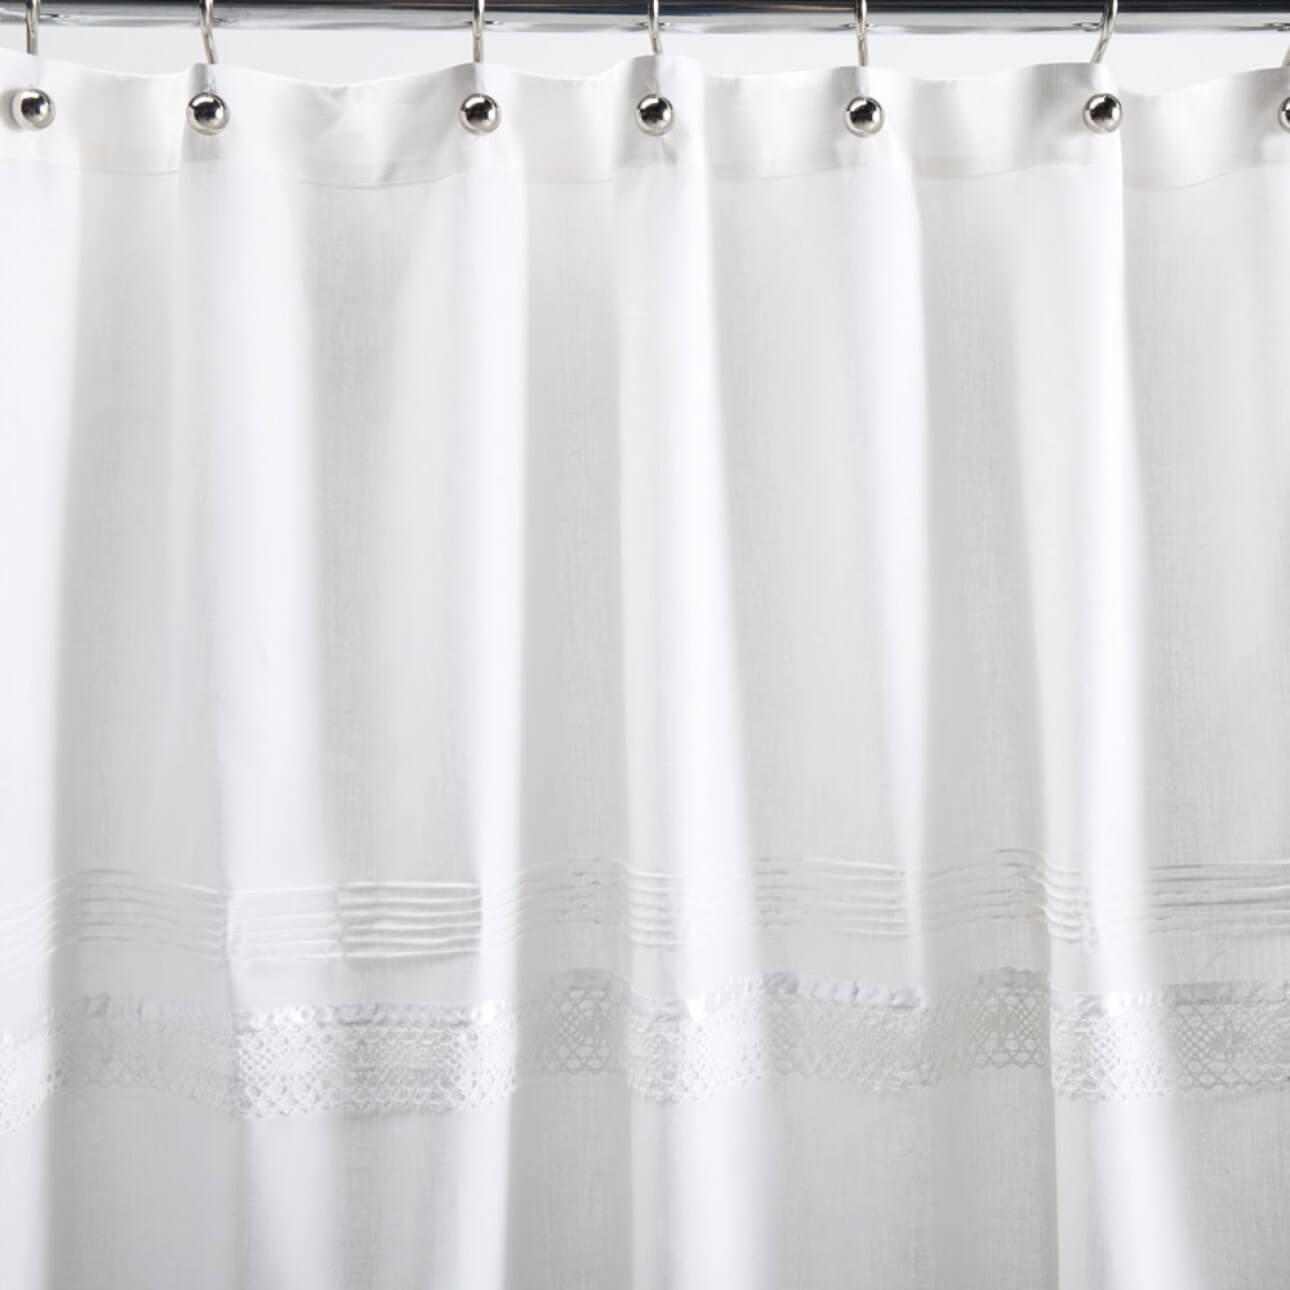 Cortina De Baño | Como Limpiar La Cortina De Bano